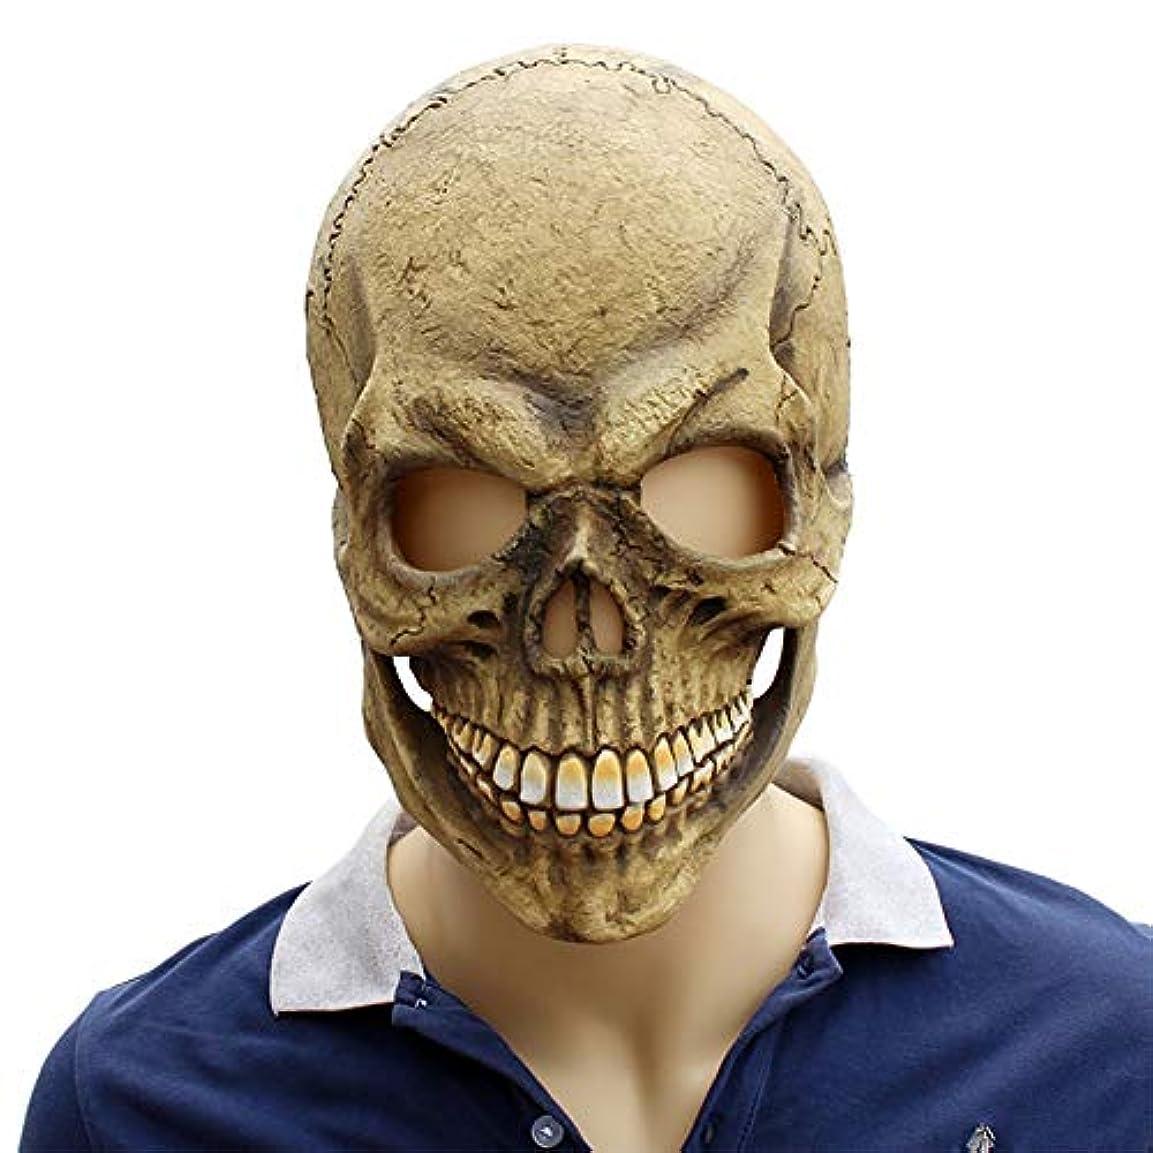 ぺディカブ分散欠伸ハロウィーンマスク、ホラースカルマスク、クリエイティブな面白いヘッドマスク、ラテックスVizardマスク、コスチュームプロップトカゲマスク